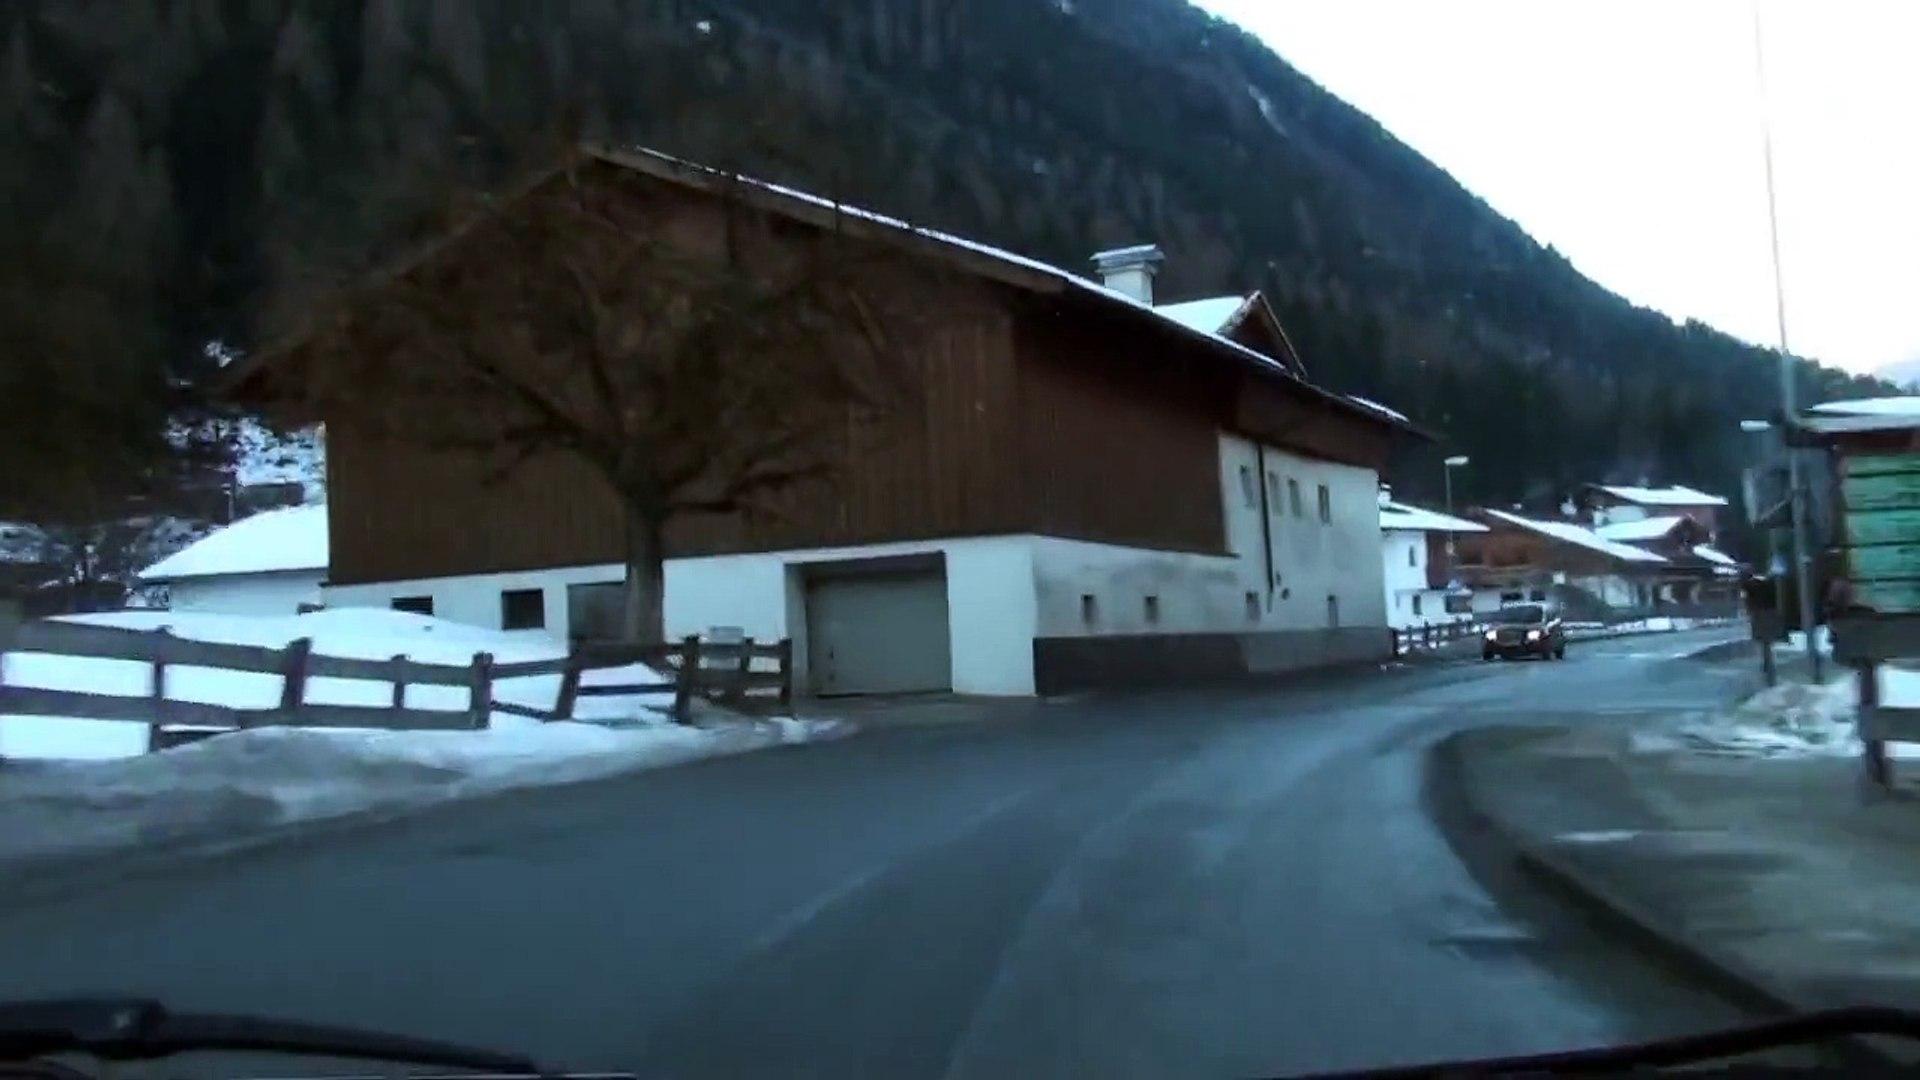 Stubai valley, Austria